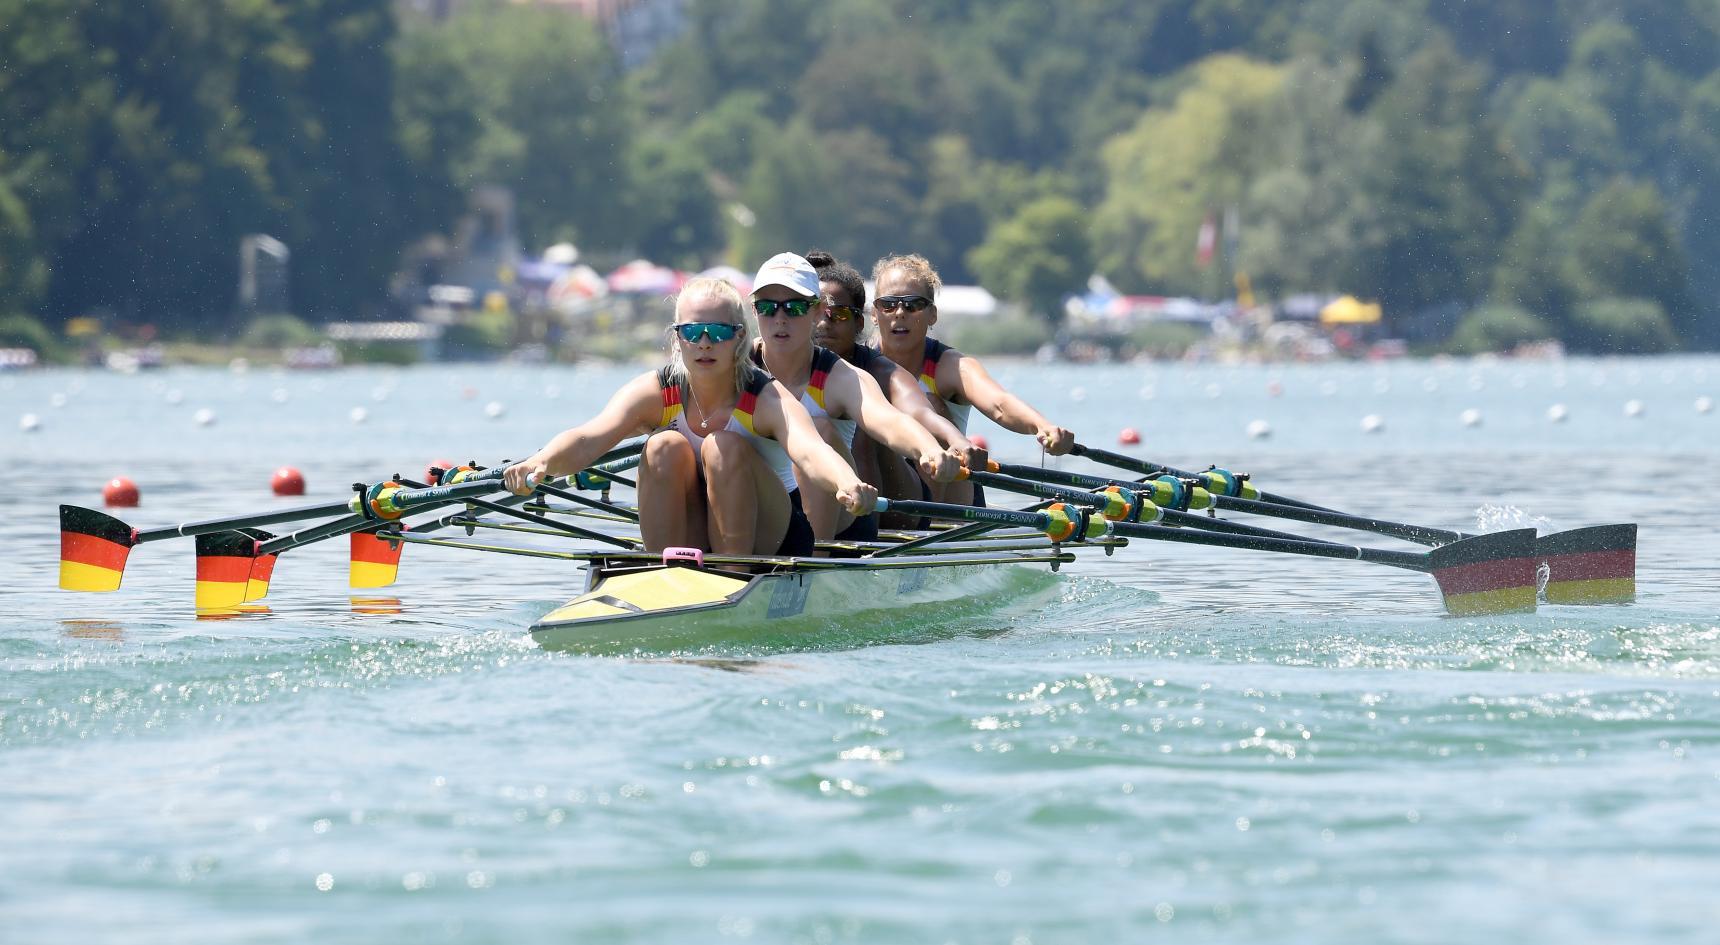 Vier Frauen im Ruderrennboot mit aufgestellten Ruderblättern die in den Nationalfarben Schwarz-Rot-Gold gestrichen sind